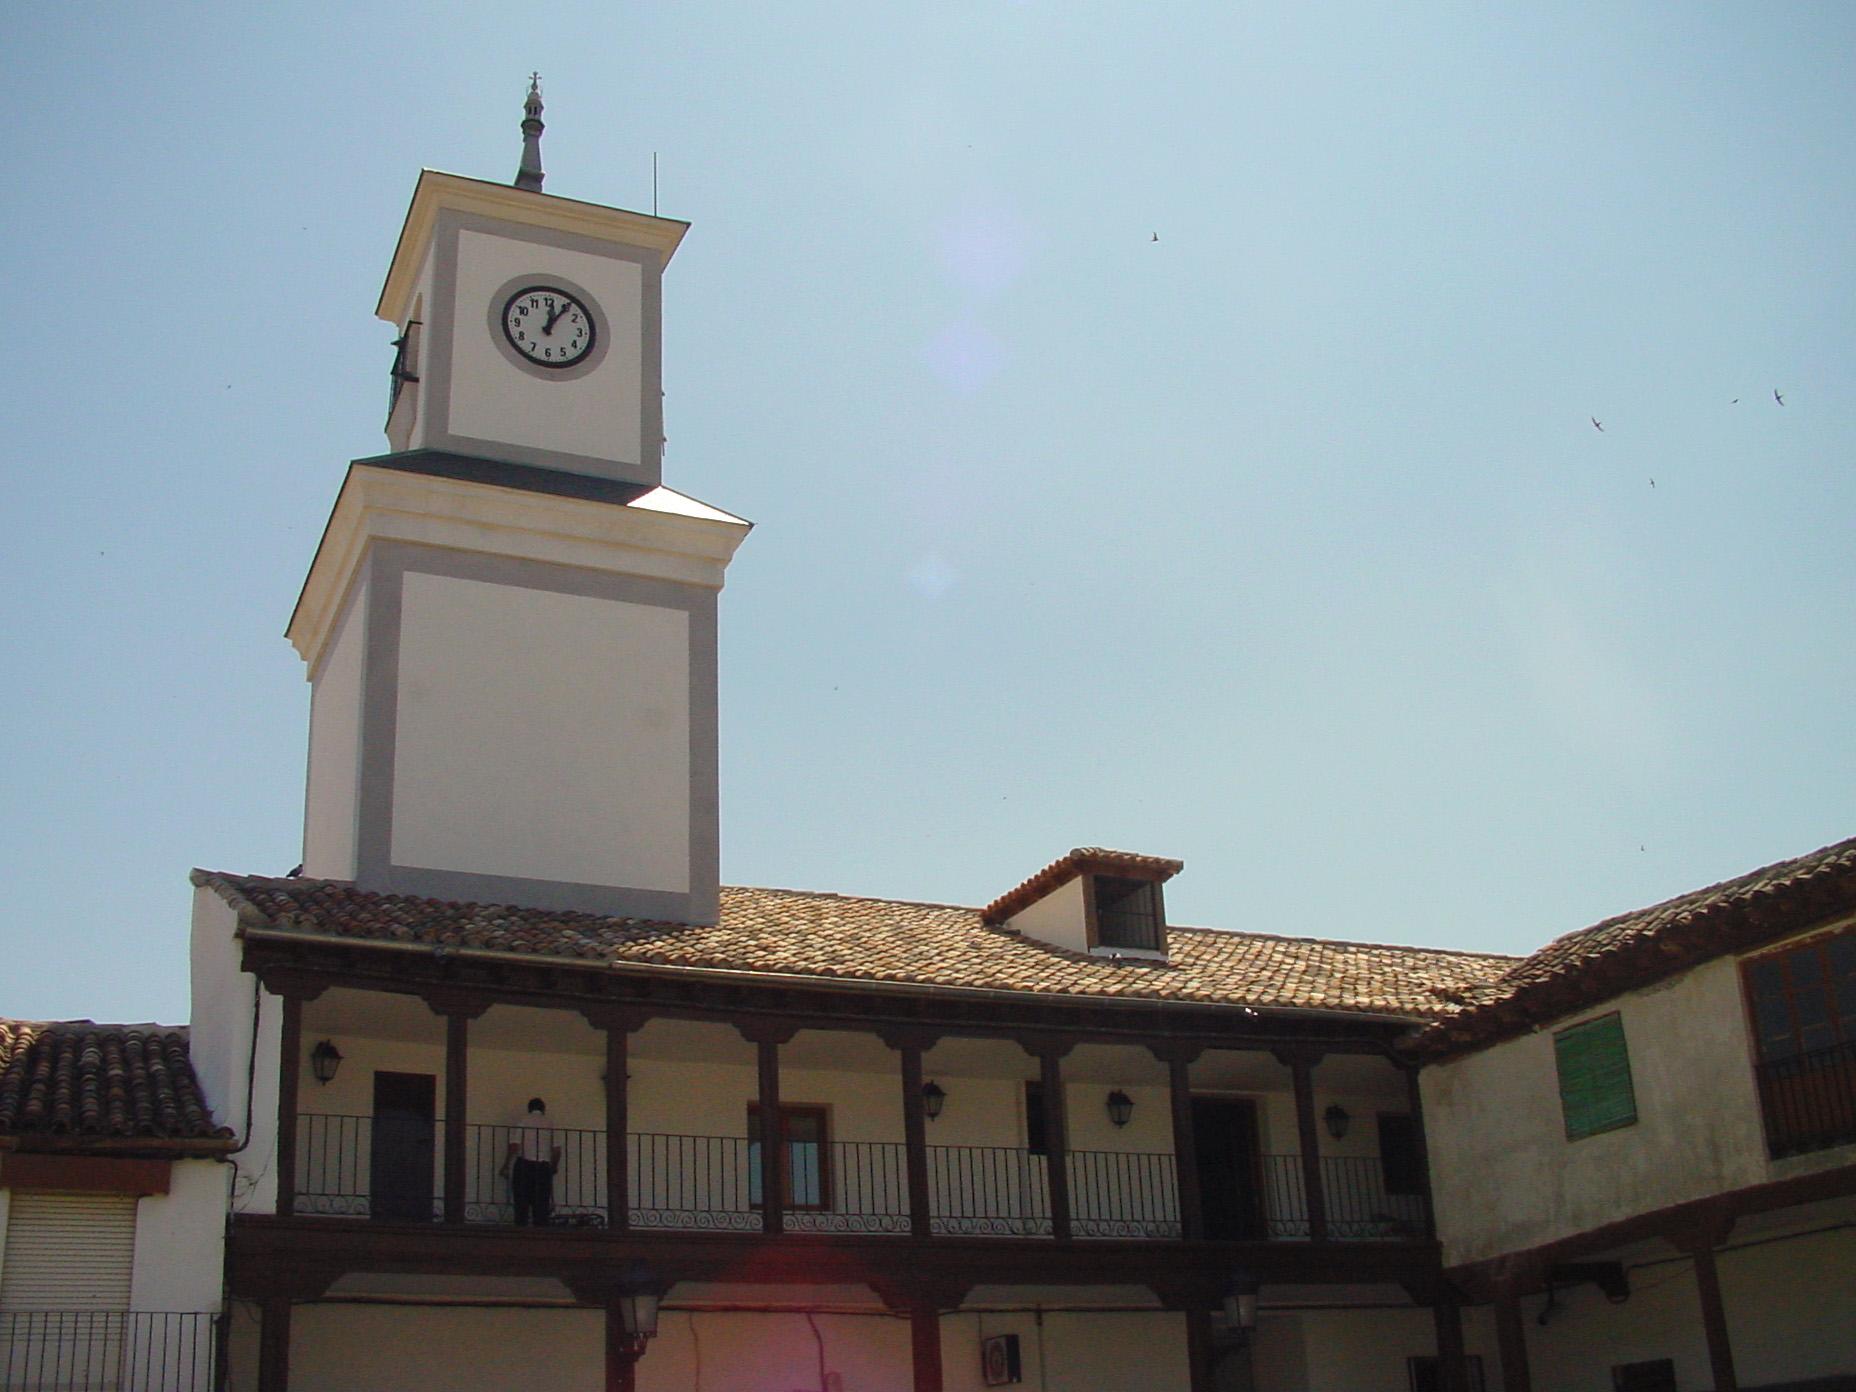 Torre del reloj en Valdemoro